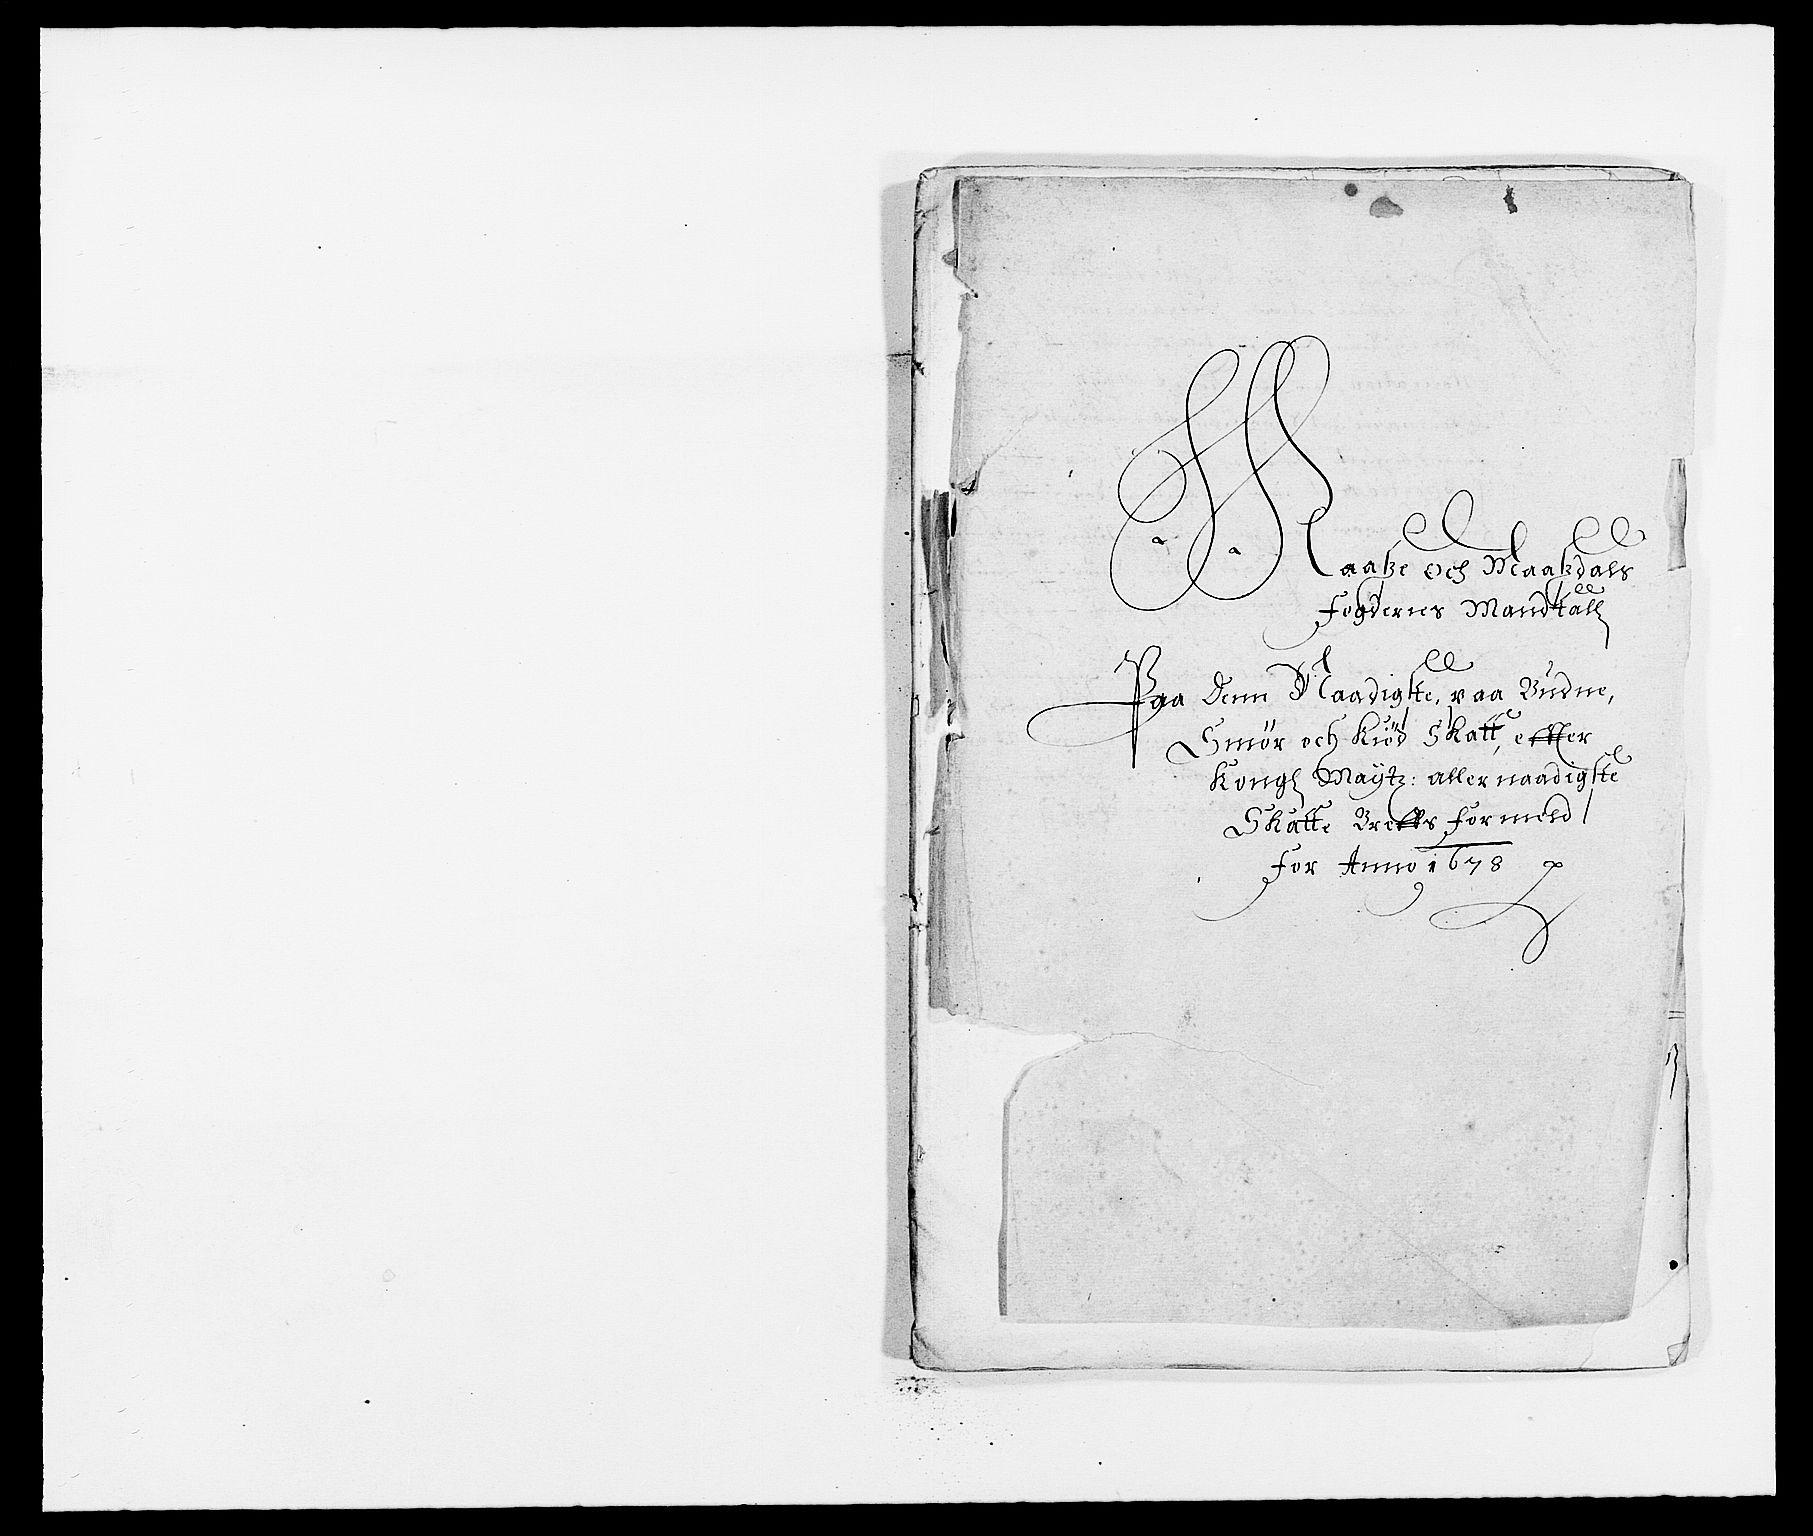 RA, Rentekammeret inntil 1814, Reviderte regnskaper, Fogderegnskap, R02/L0099: Fogderegnskap Moss og Verne kloster, 1678, s. 223